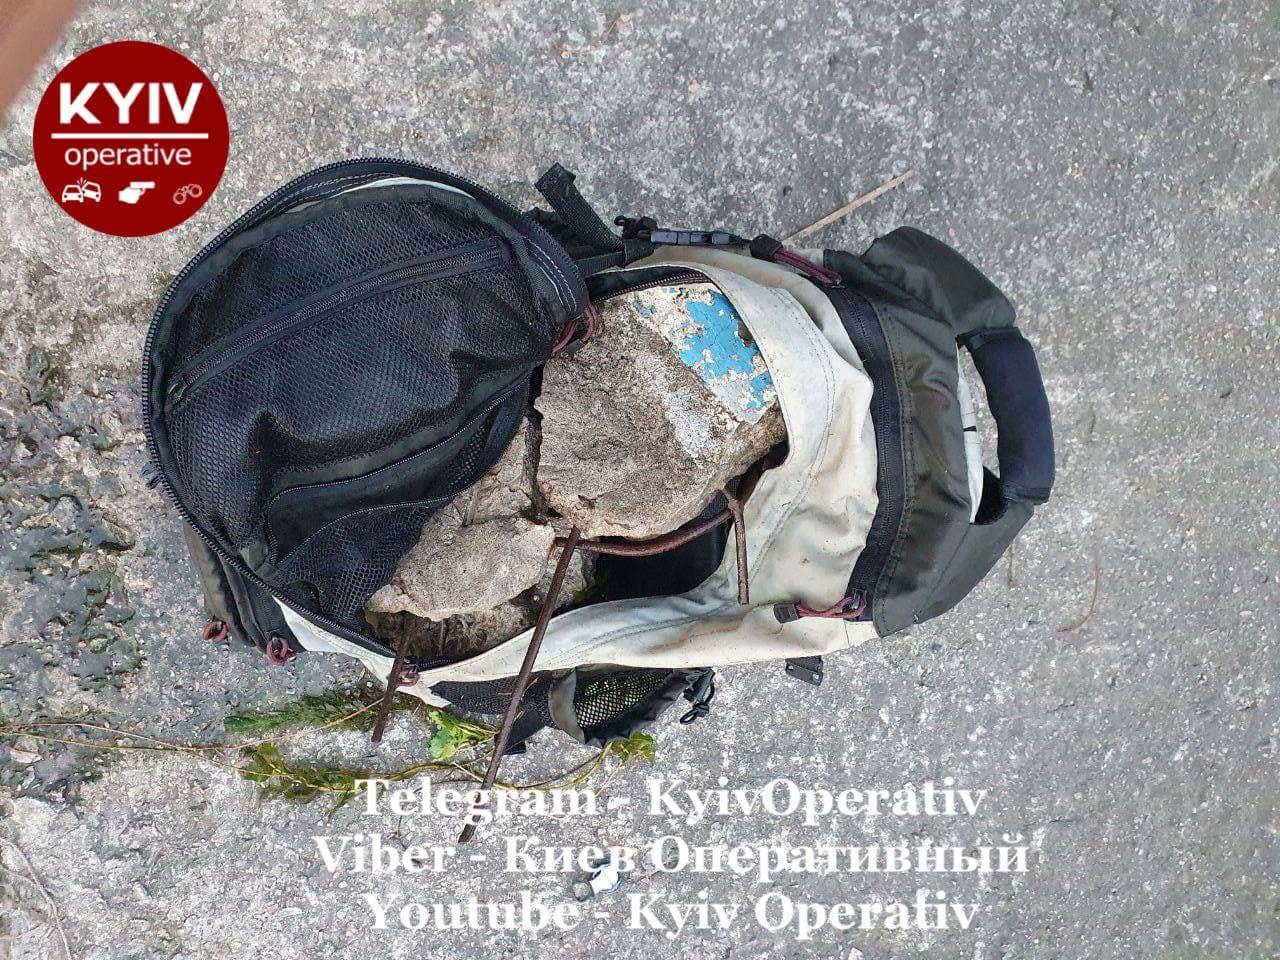 У Києві хлопець стрибнув у річку з рюкзаком заповненим камінням (фото 18+)